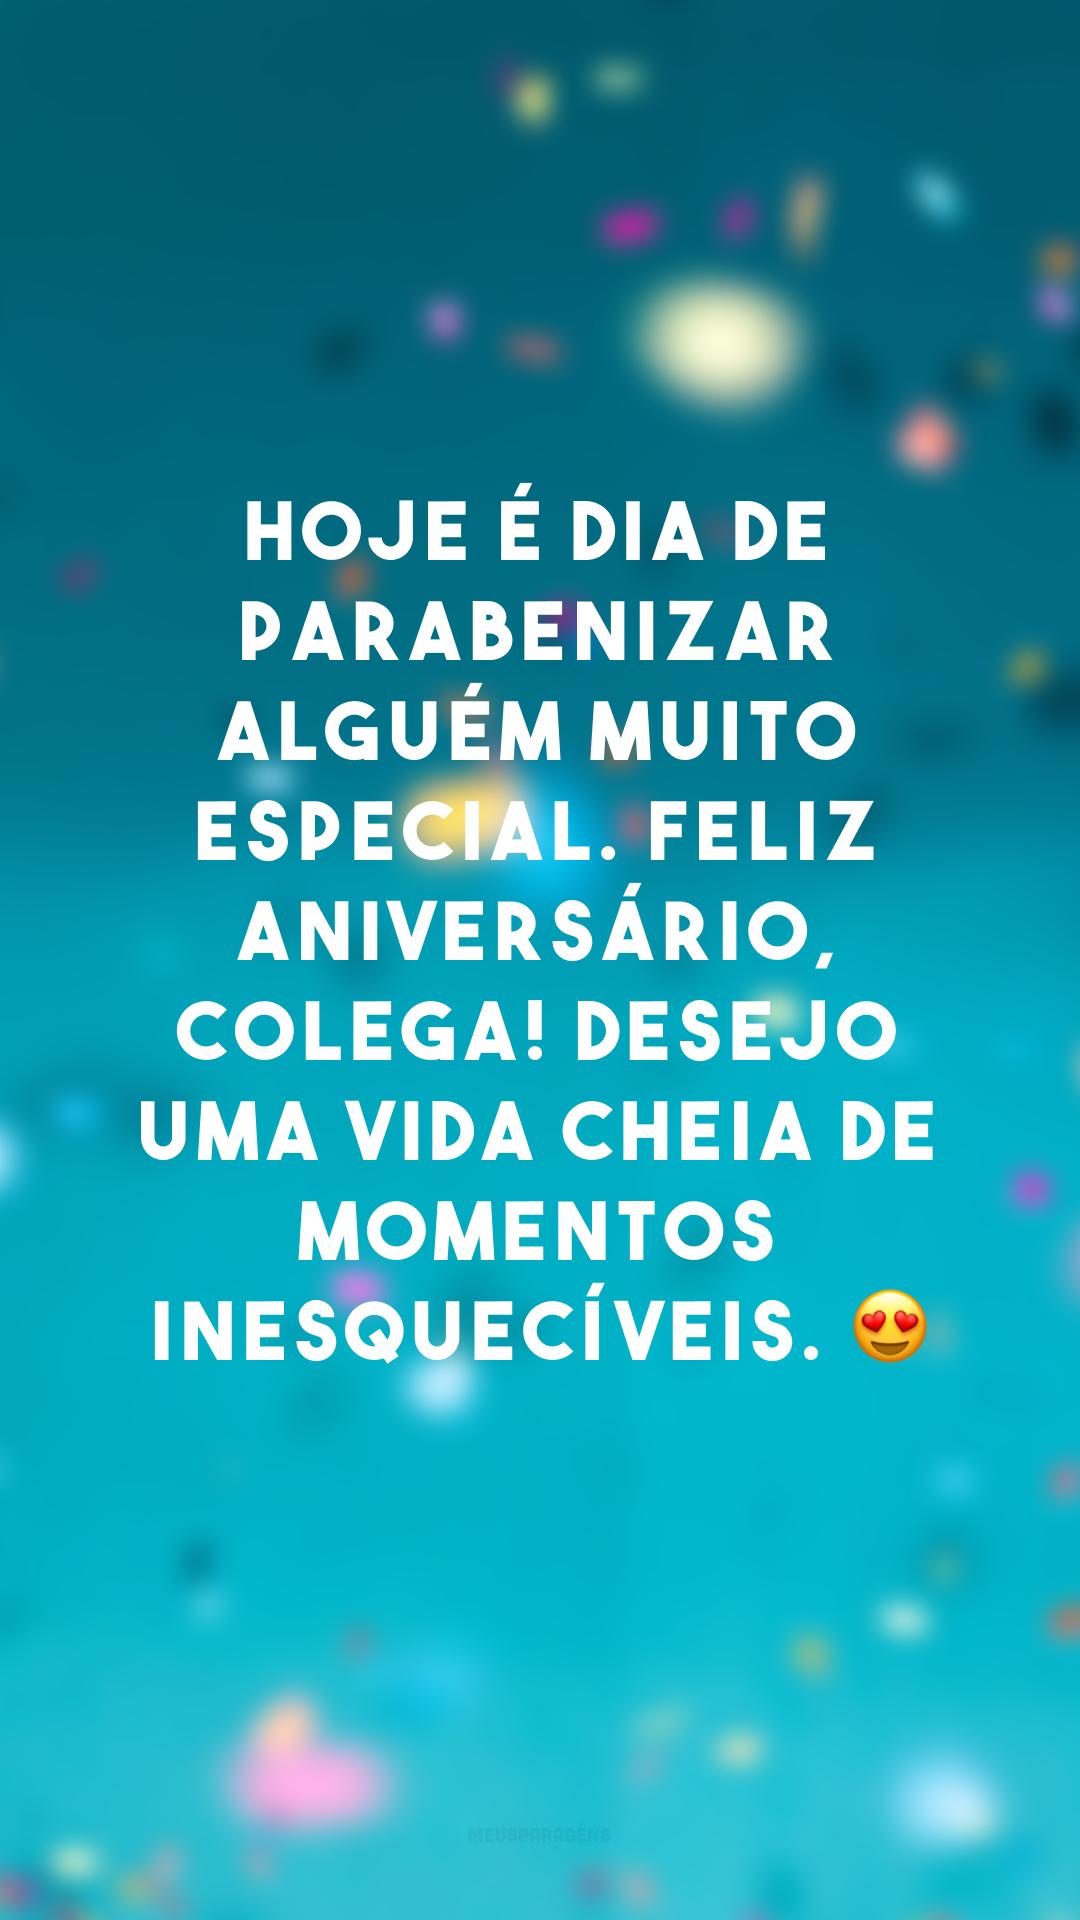 Hoje é dia de parabenizar alguém muito especial. Feliz aniversário, colega! Desejo uma vida cheia de momentos inesquecíveis. 😍